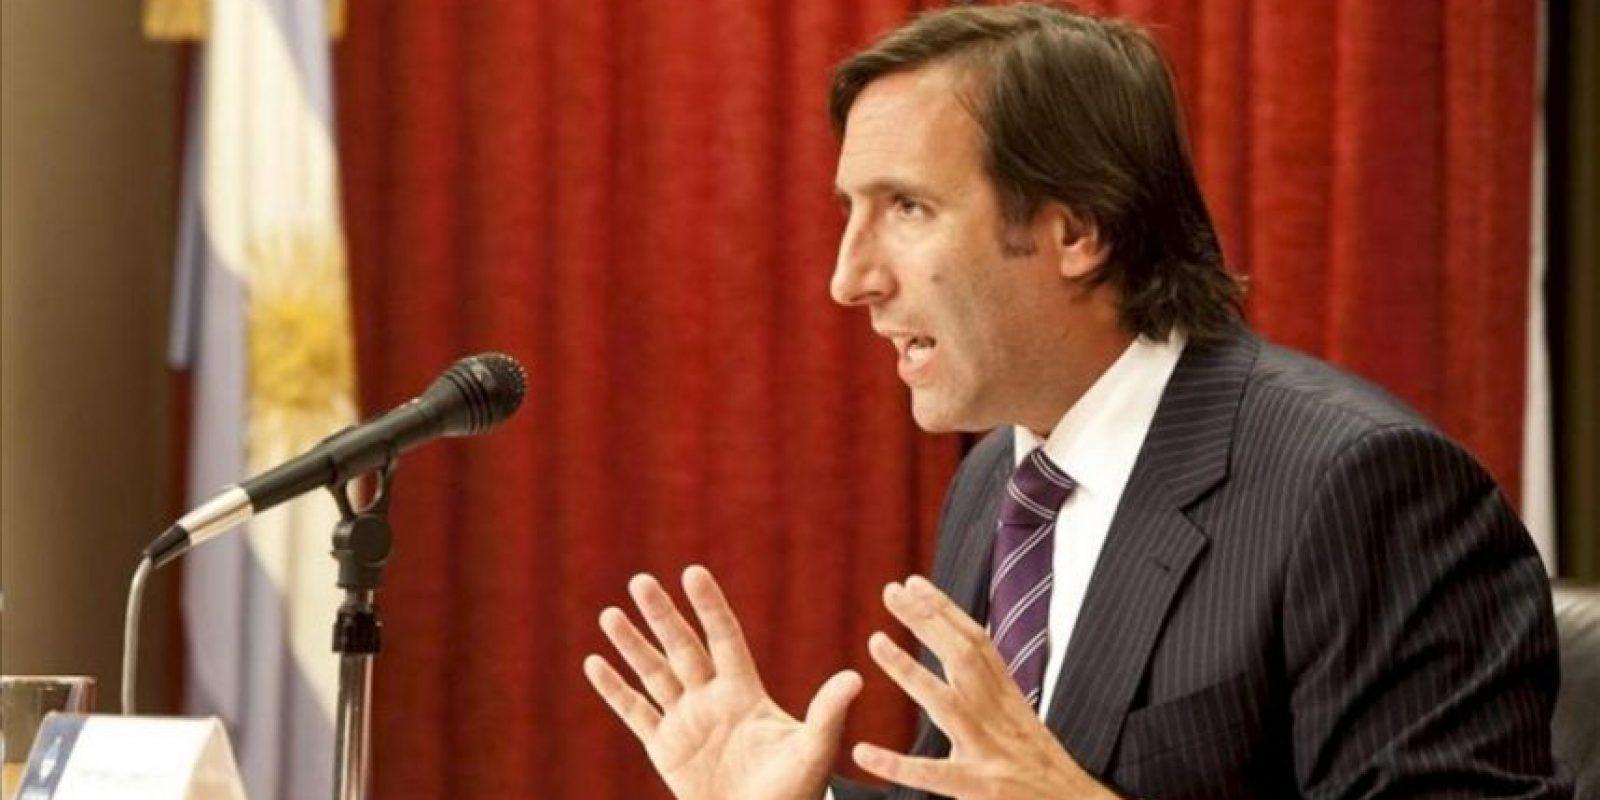 Fotografía cedida por el Ministerio argentino de Economía del titular de esta cartera, Hernán Lorenzino, durante una rueda de prensa este 22 de noviembre, en Buenos Aires. EFE